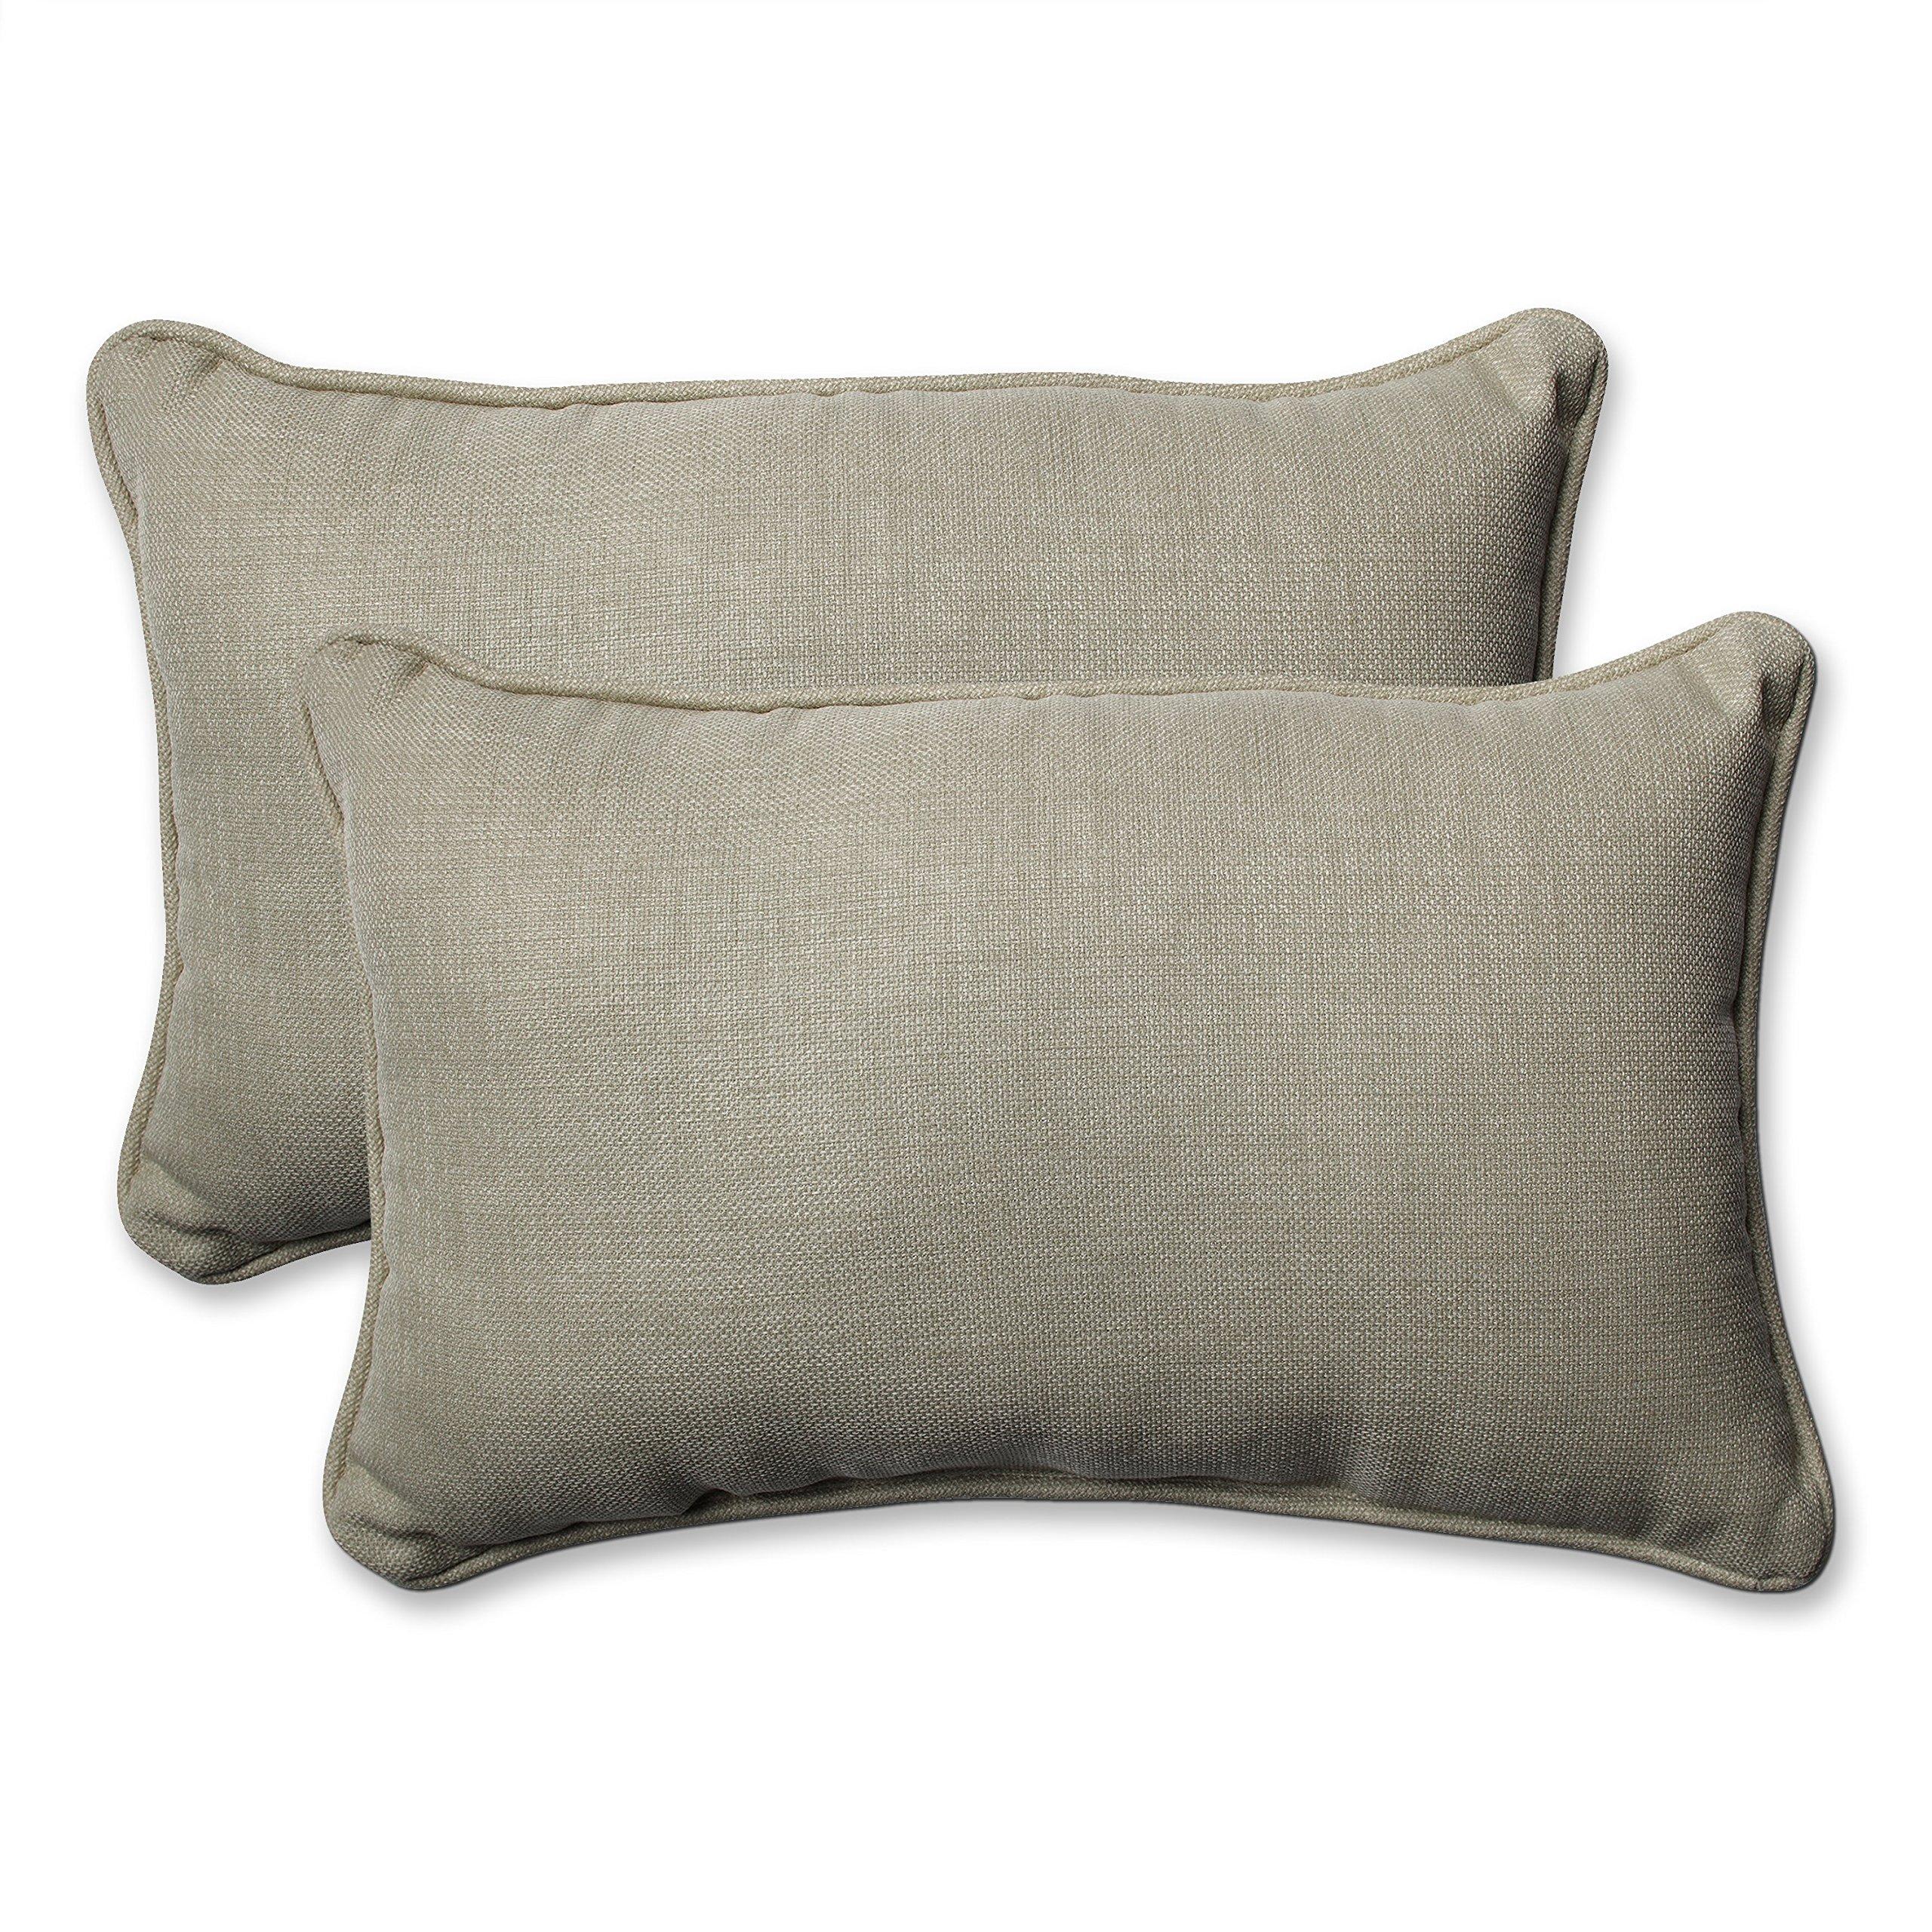 Pillow Perfect Outdoor/Indoor Rave Driftwood Rectangular Throw Pillow (Set of 2)